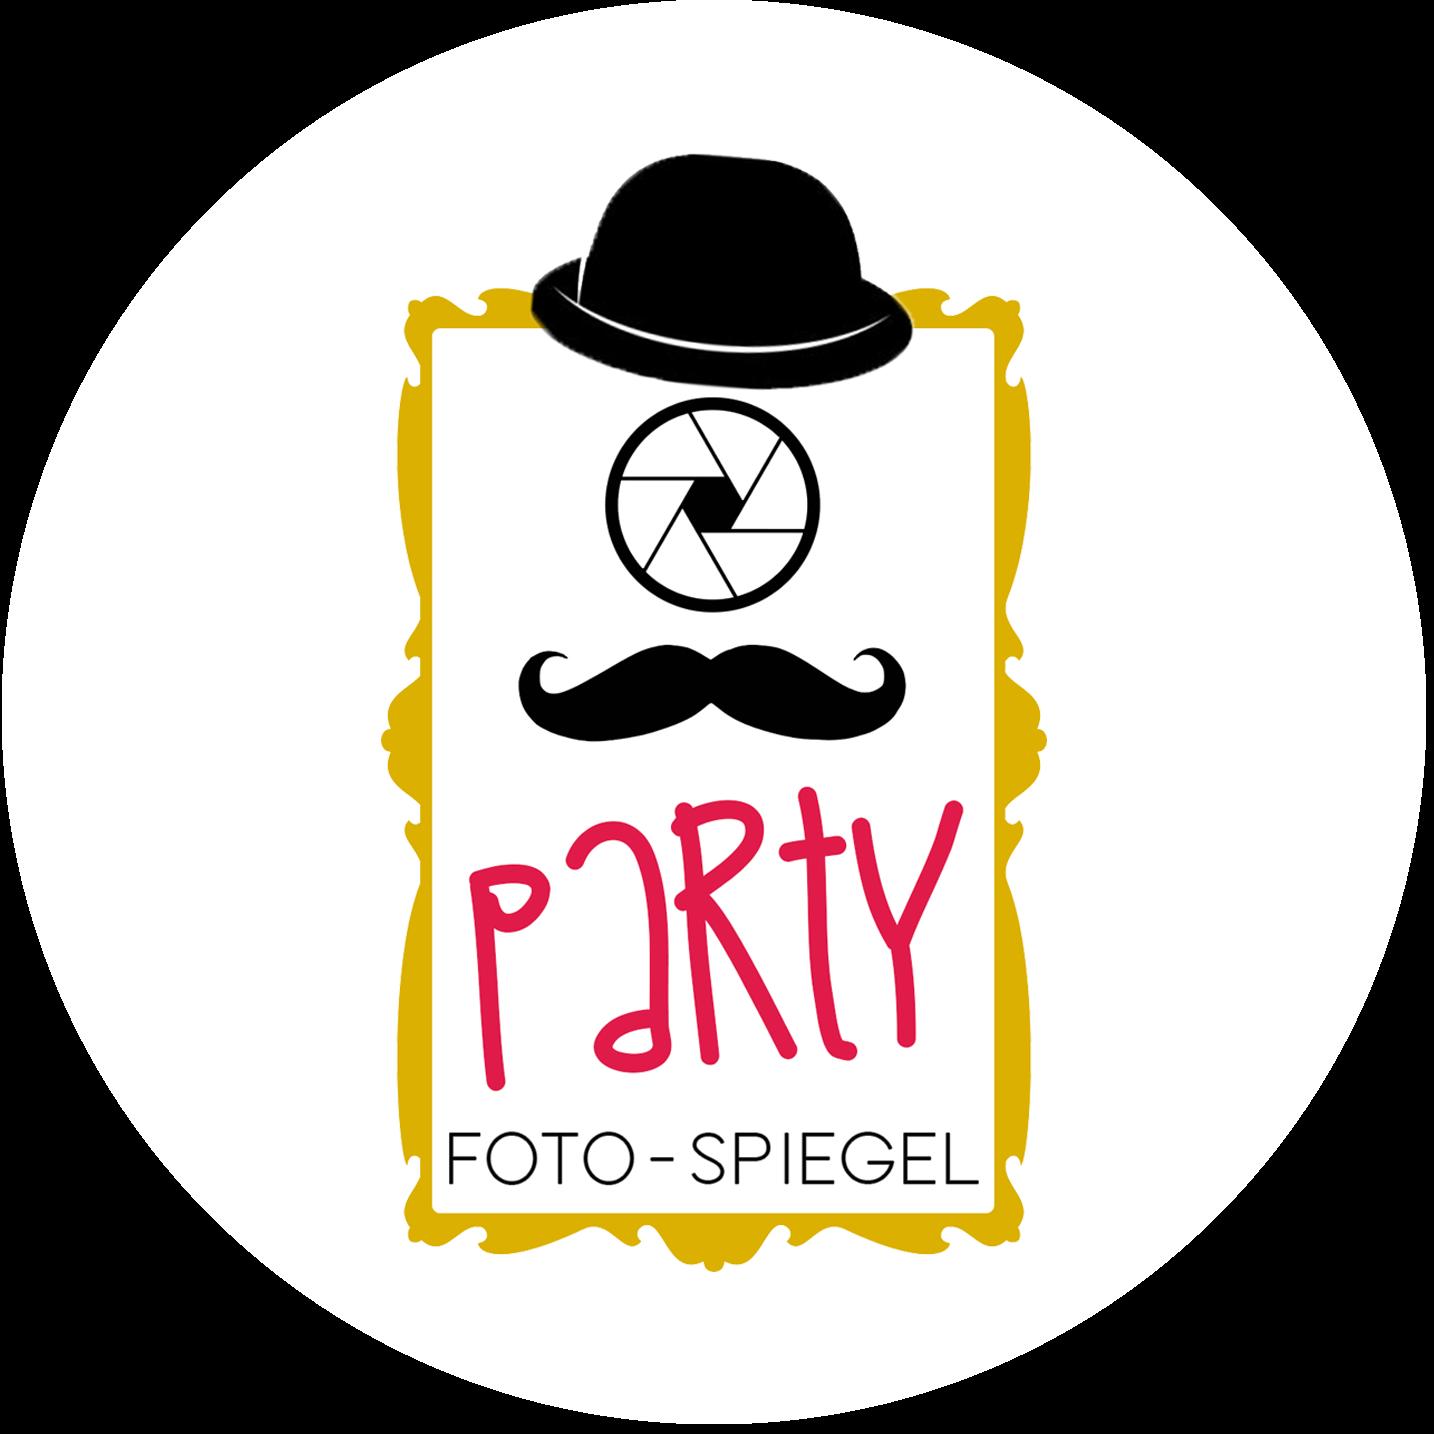 Fotobox Nordhorn Party Foto-Spiegel mieten